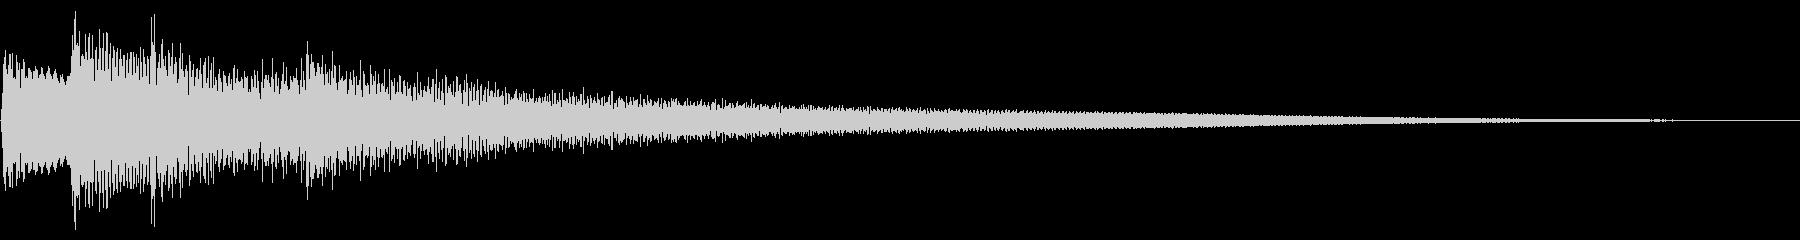 Nodoka Arpeggio Nylon Guitar's unreproduced waveform